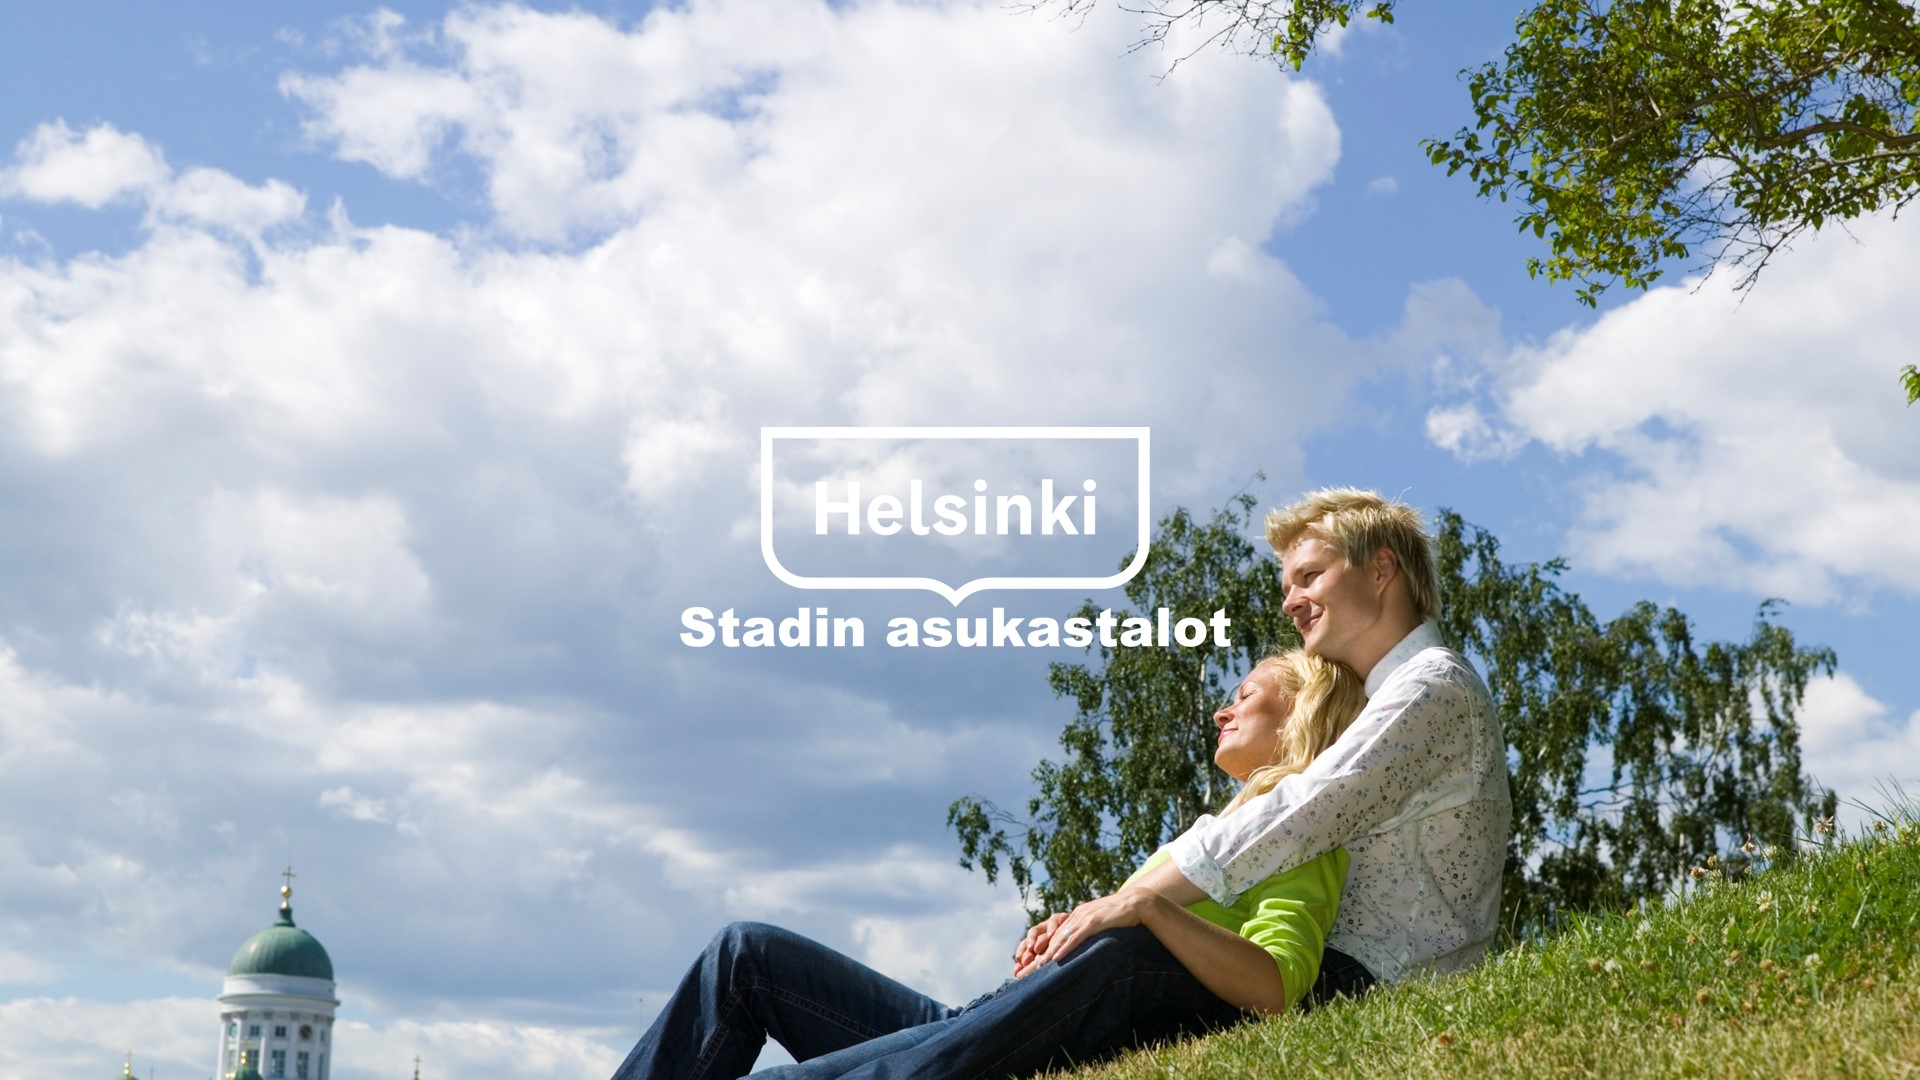 Länken till evenemang Retki Vartiosaareen 10.8.